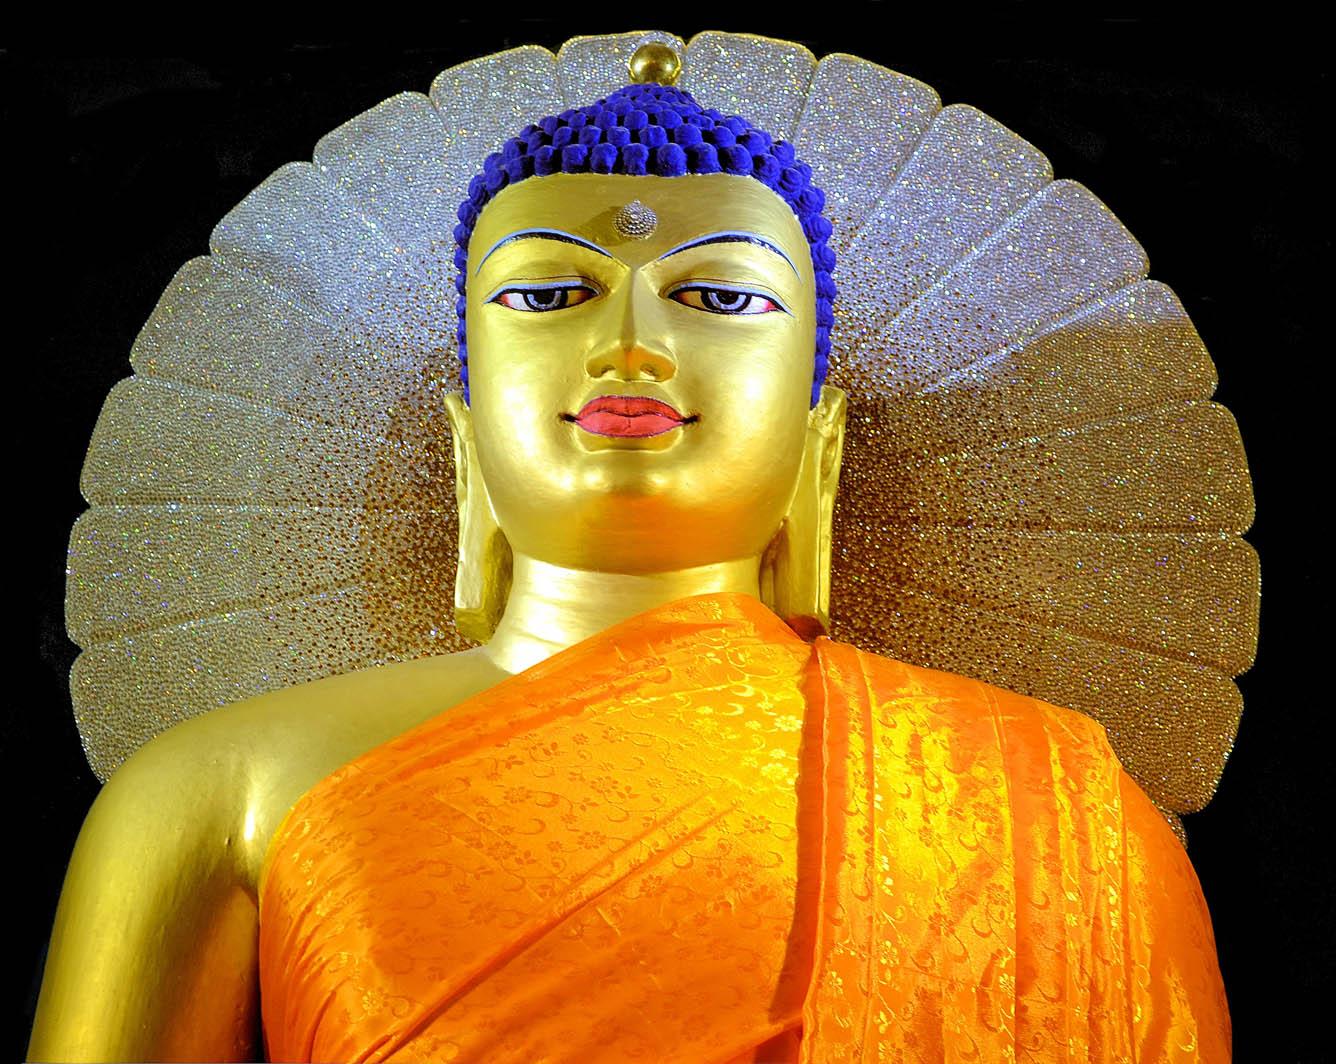 Ảnh Đức Phật rất đẹp